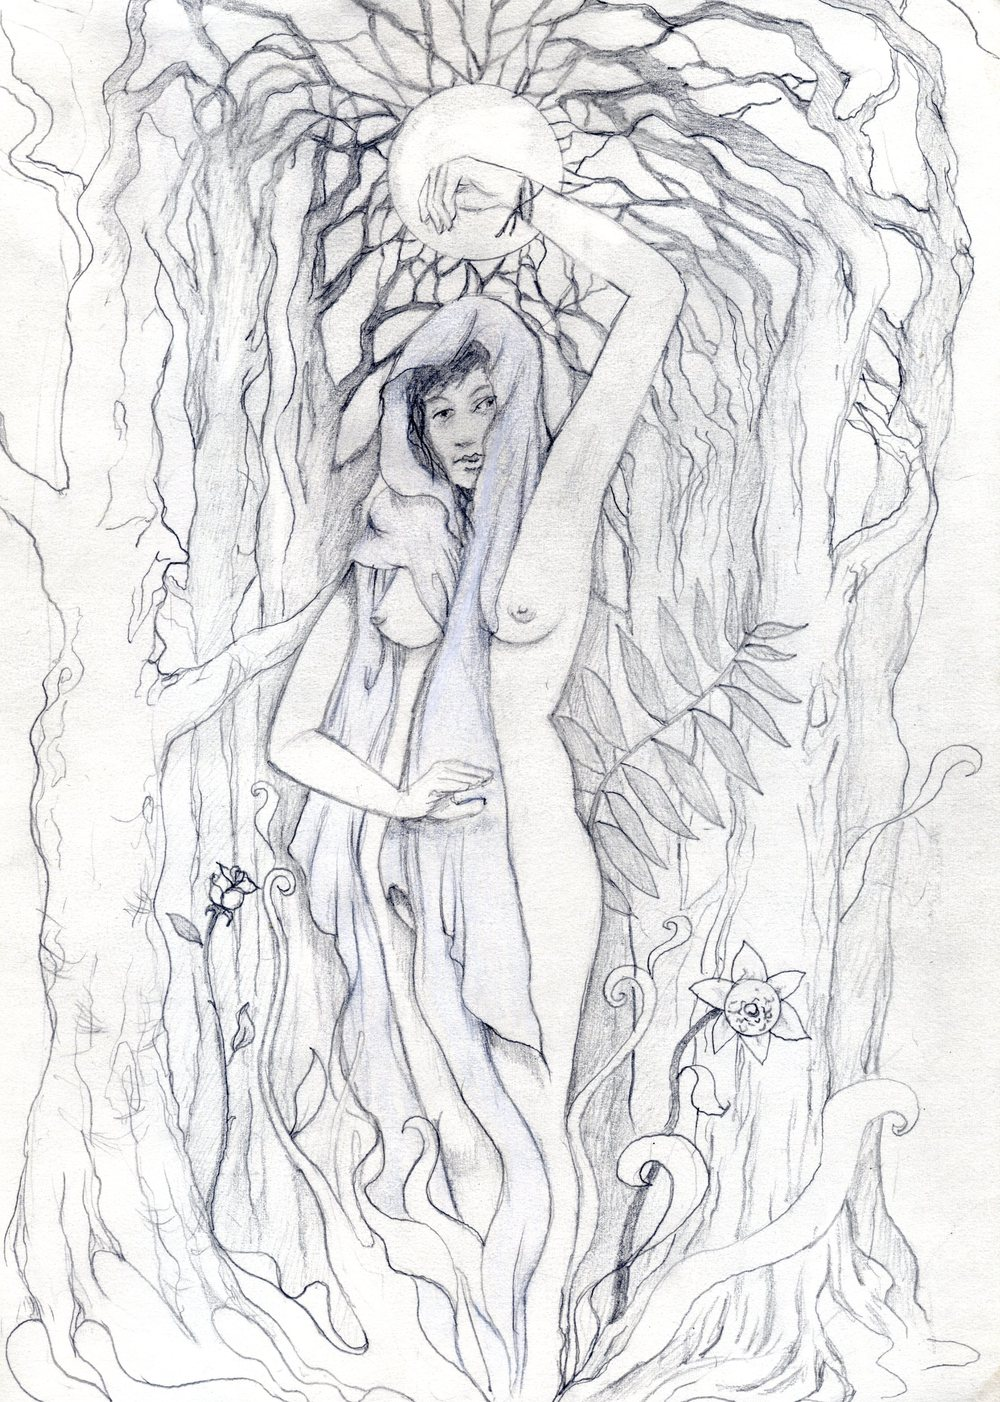 Sketch by Jesse Gelaznik